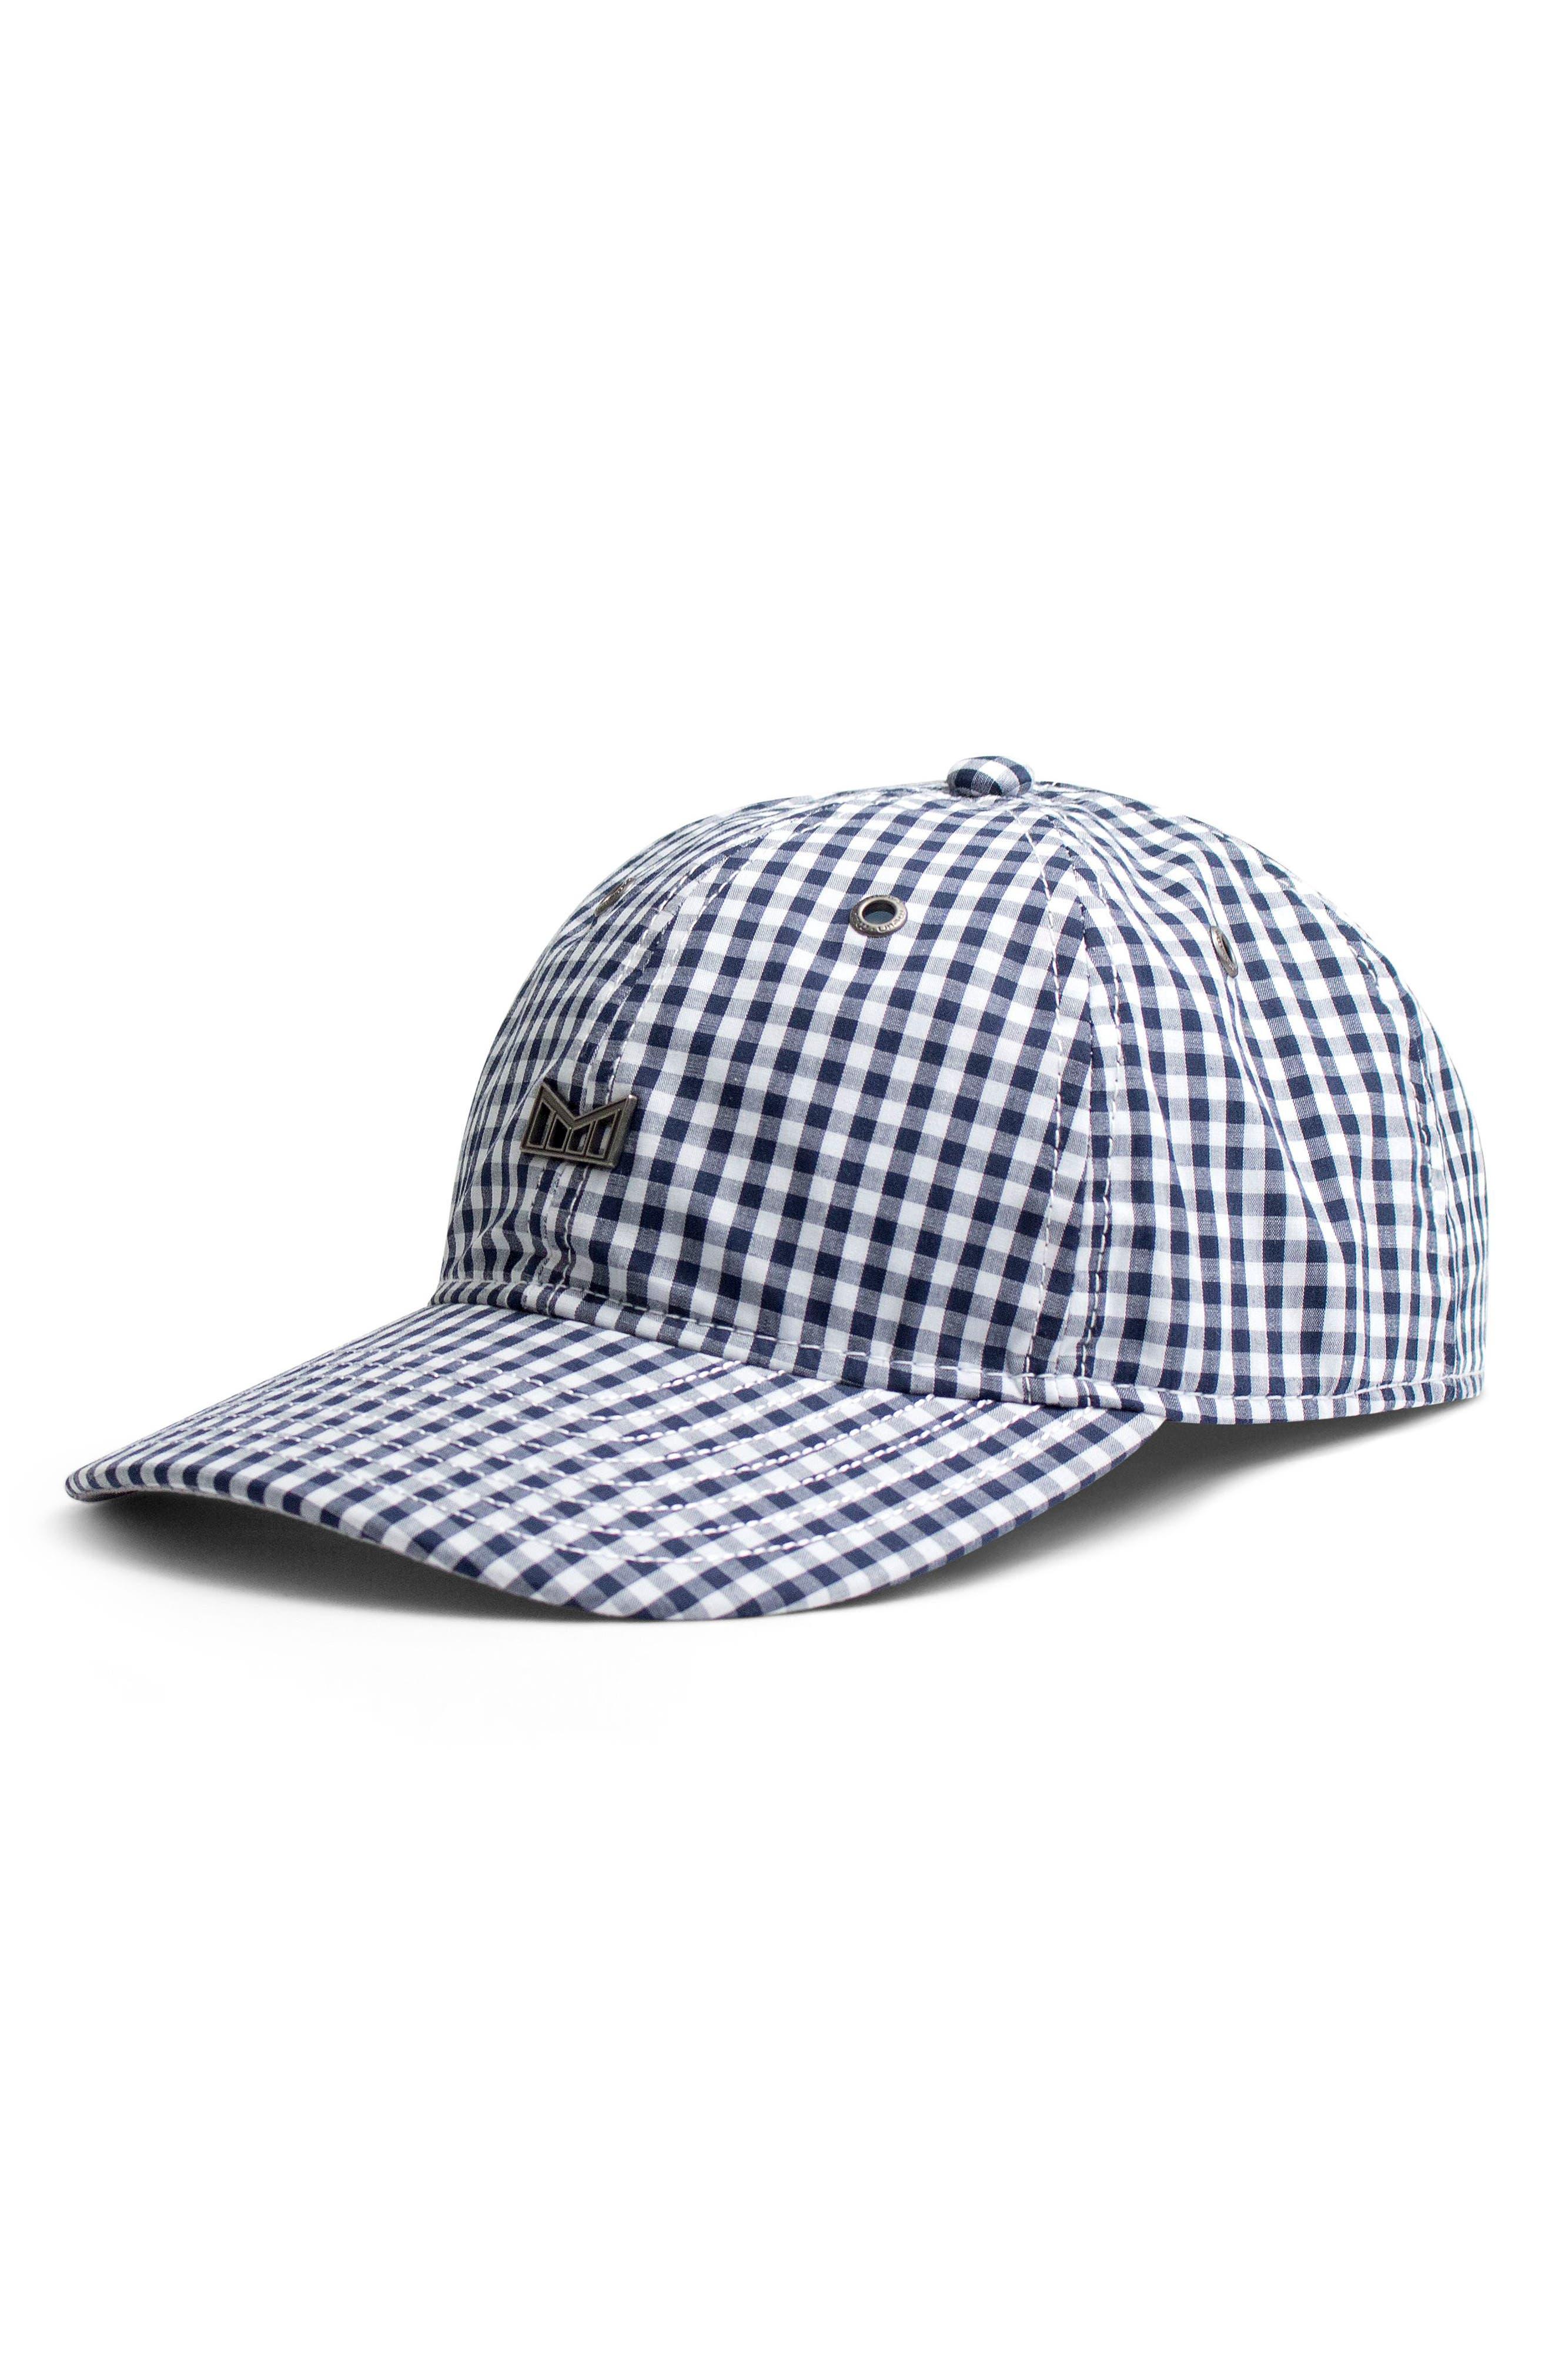 Boathouse Snapback Baseball Cap,                             Main thumbnail 1, color,                             461